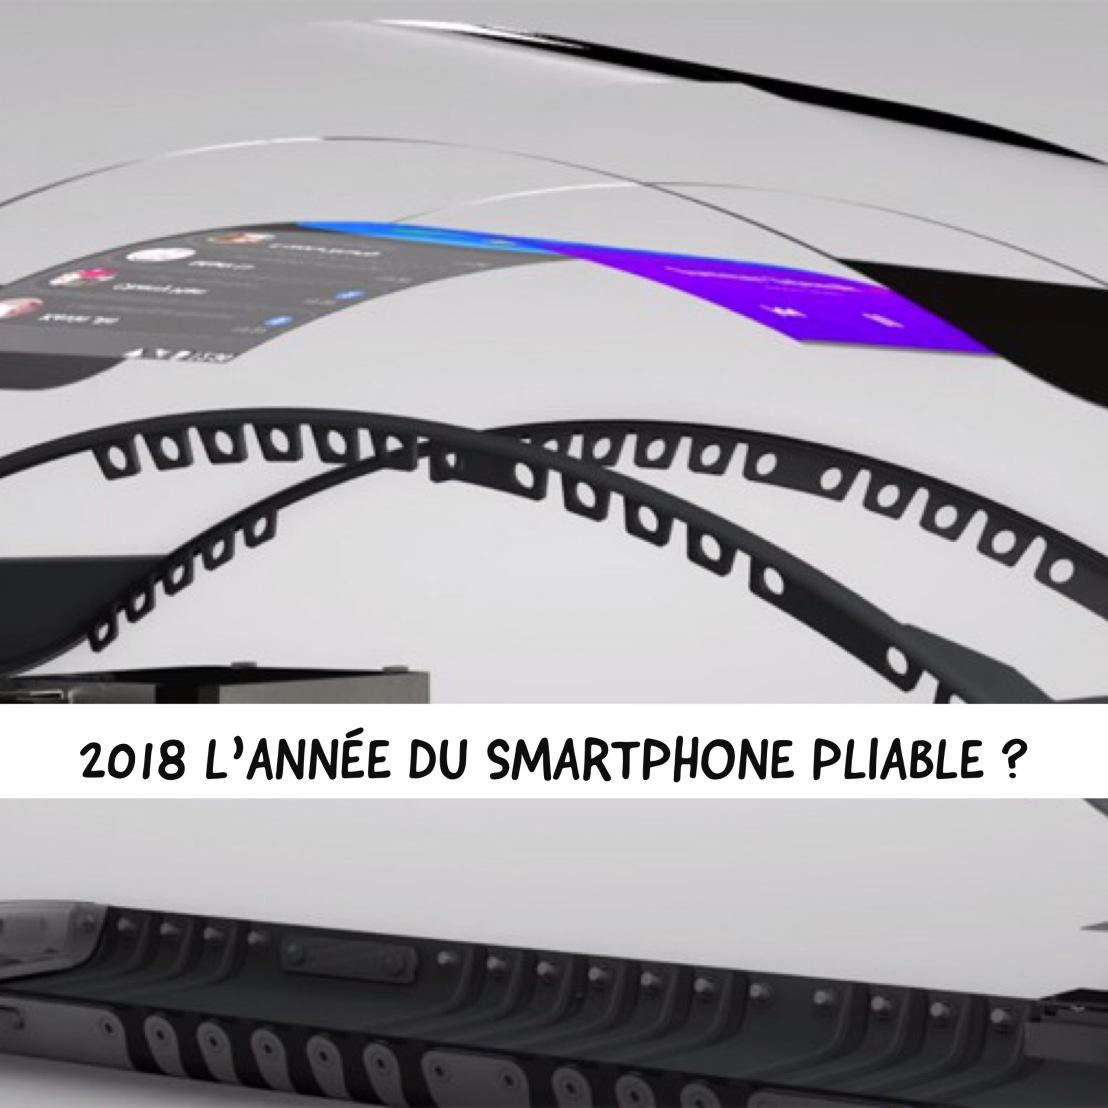 2018 l'année du smartphone pliable?